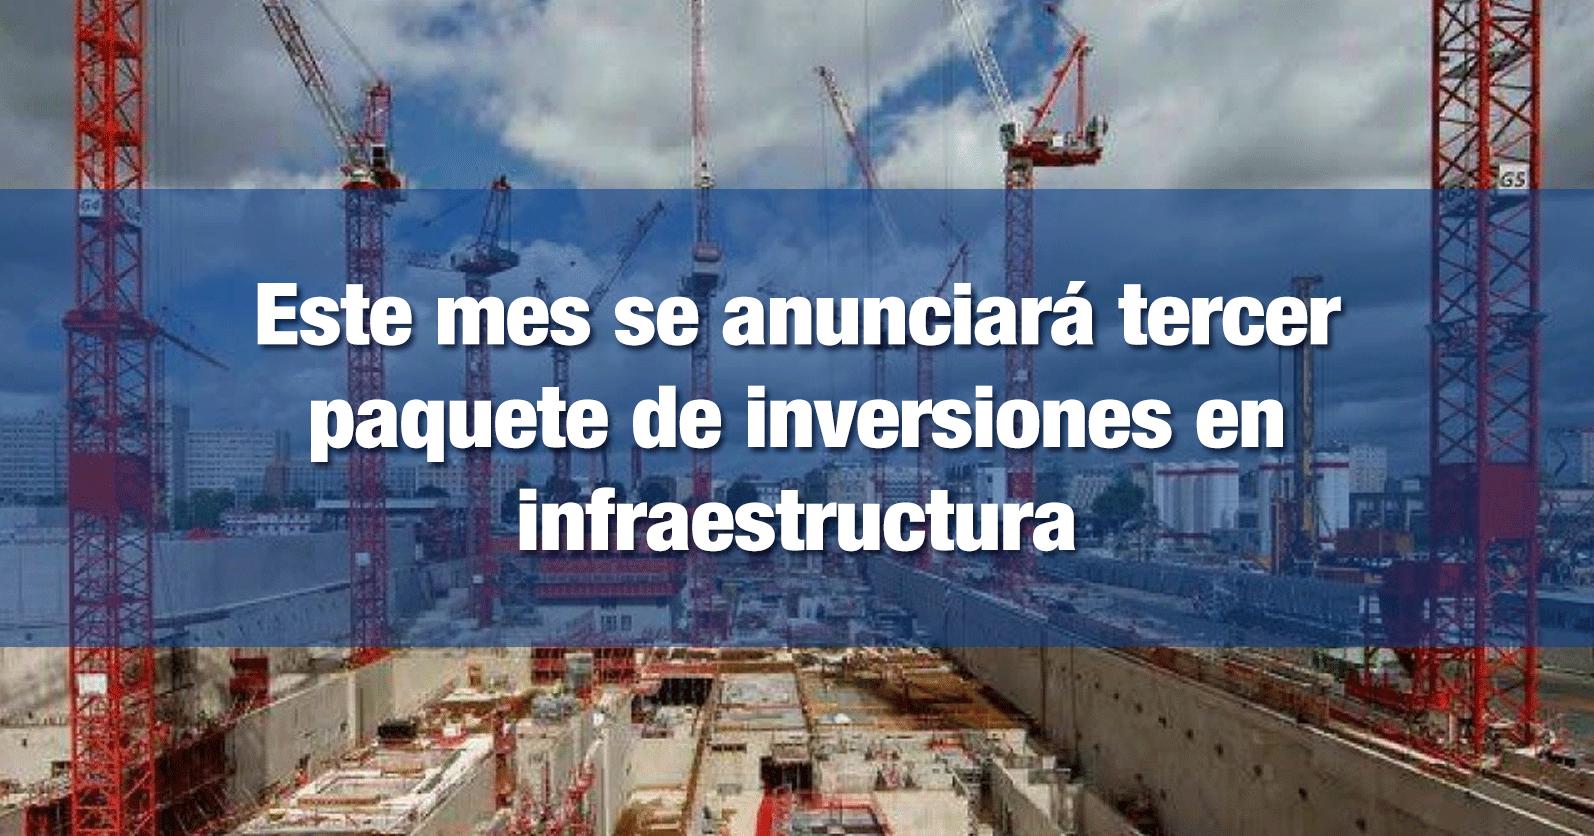 Este mes se anunciará tercer paquete de inversiones en infraestructura